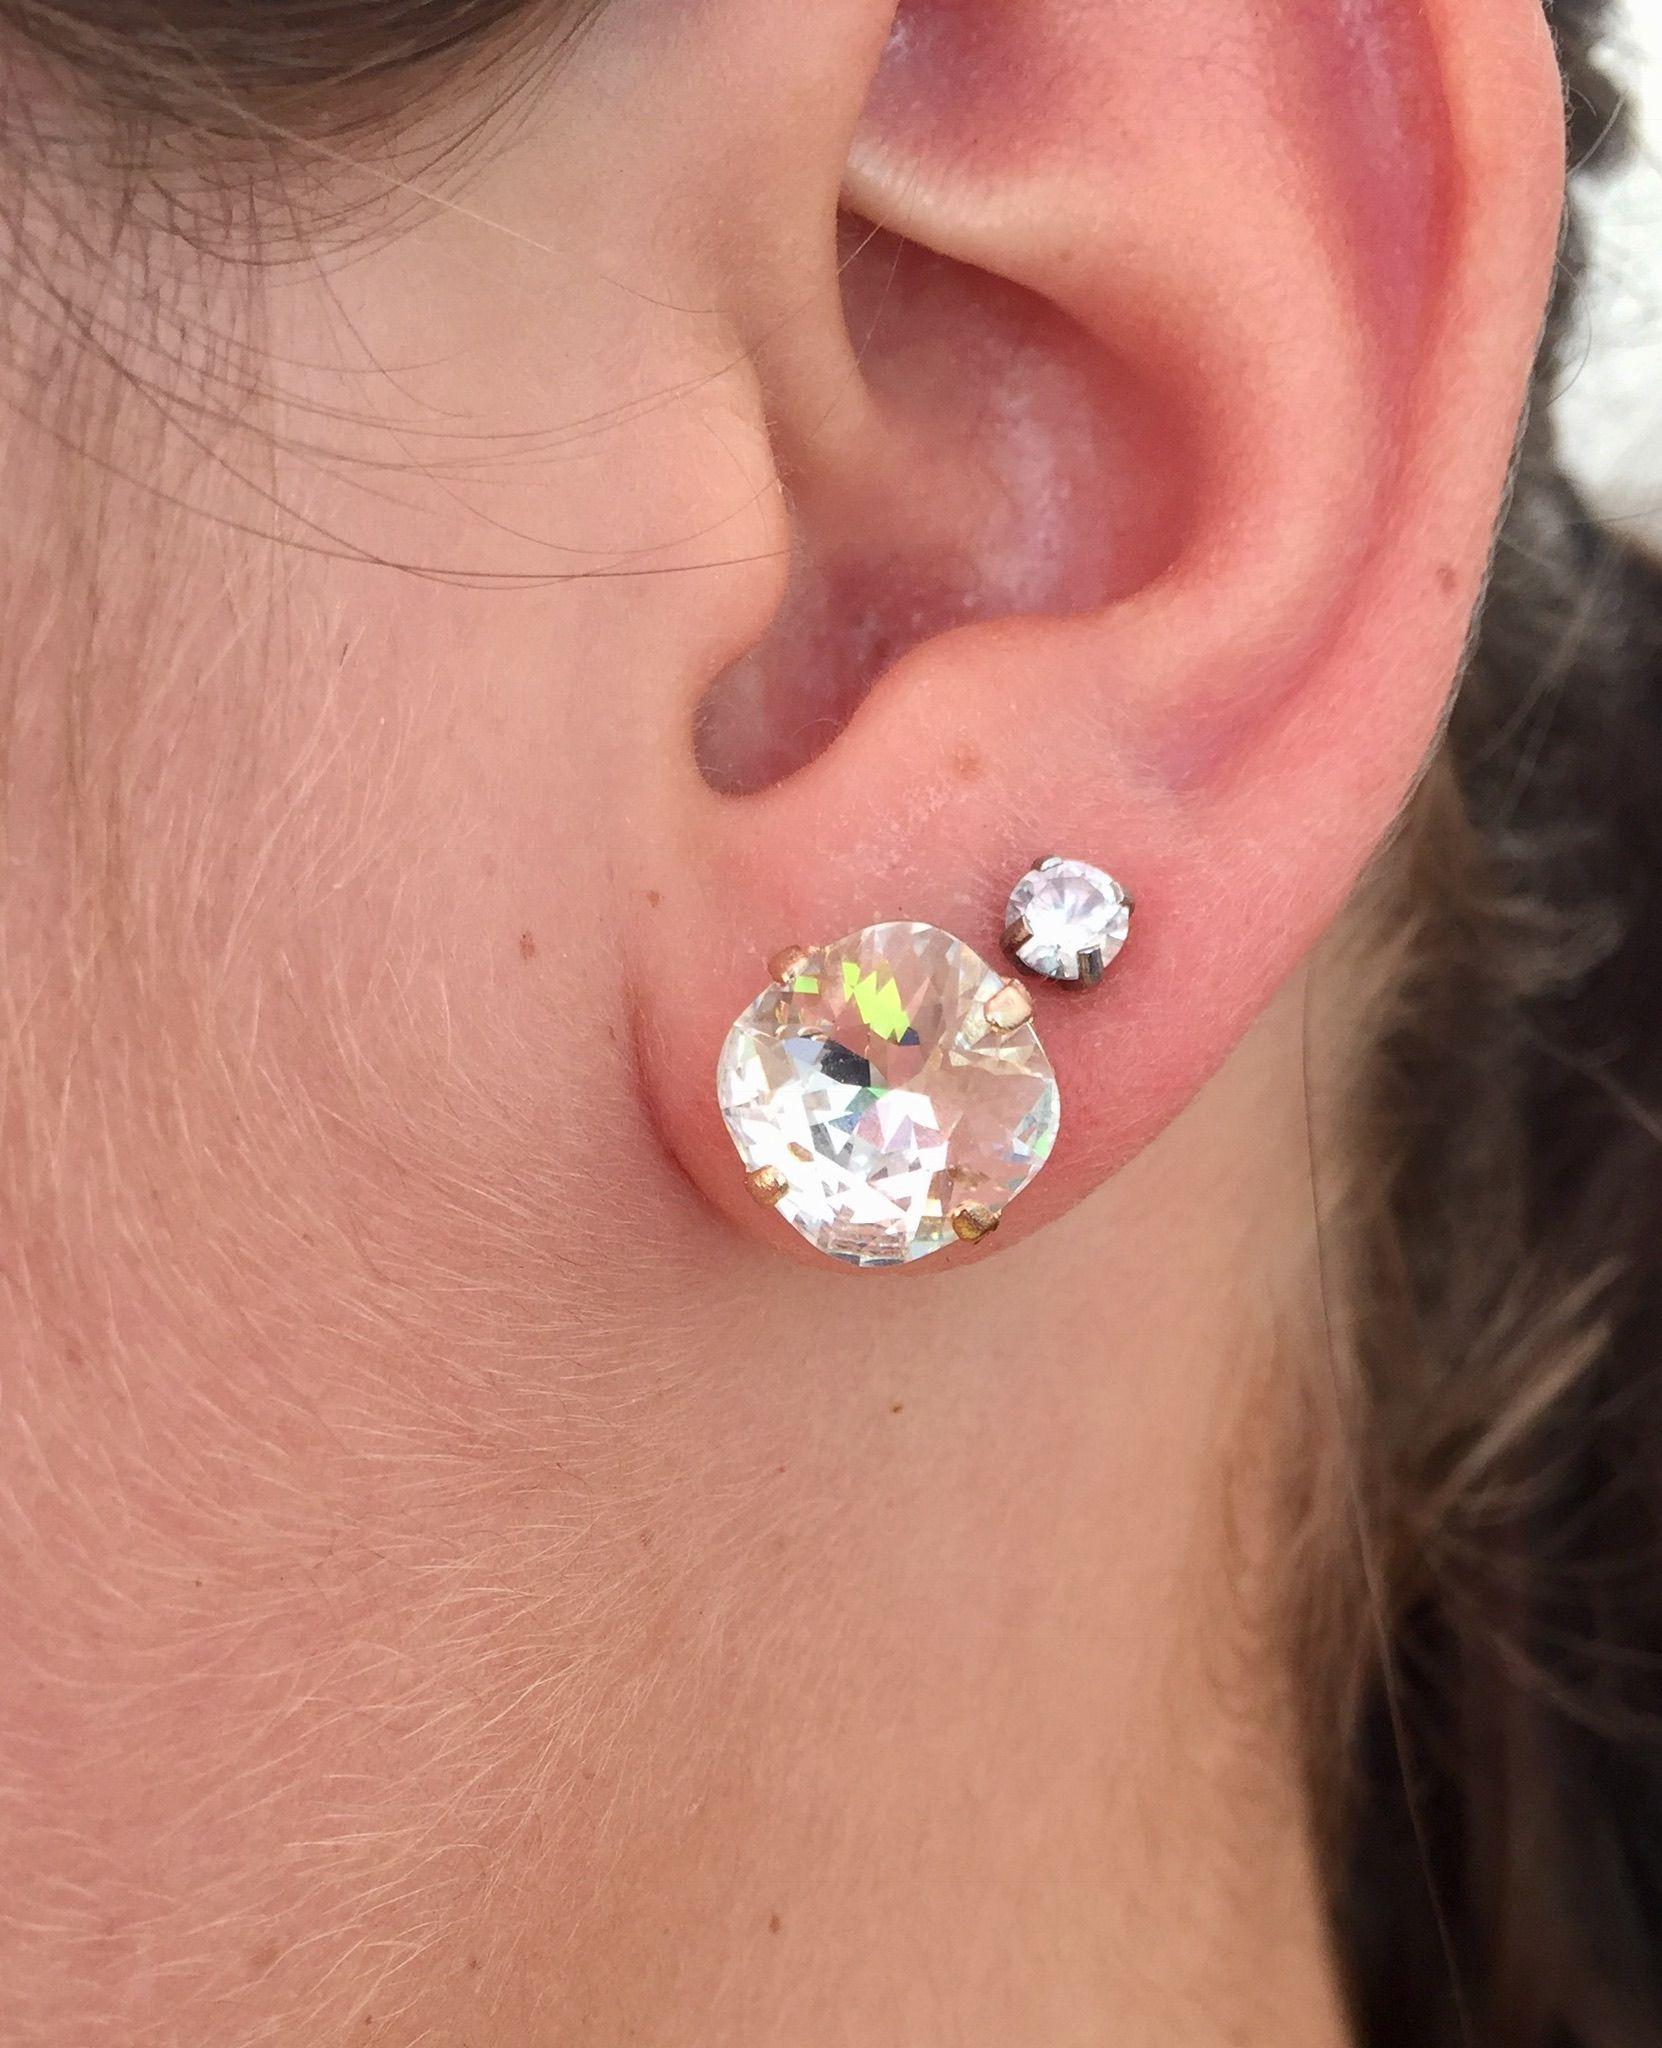 Swarovski 12mm Crystal Stud Earrings Stud Earrings Crystal Stud Earrings Custom Jewelry